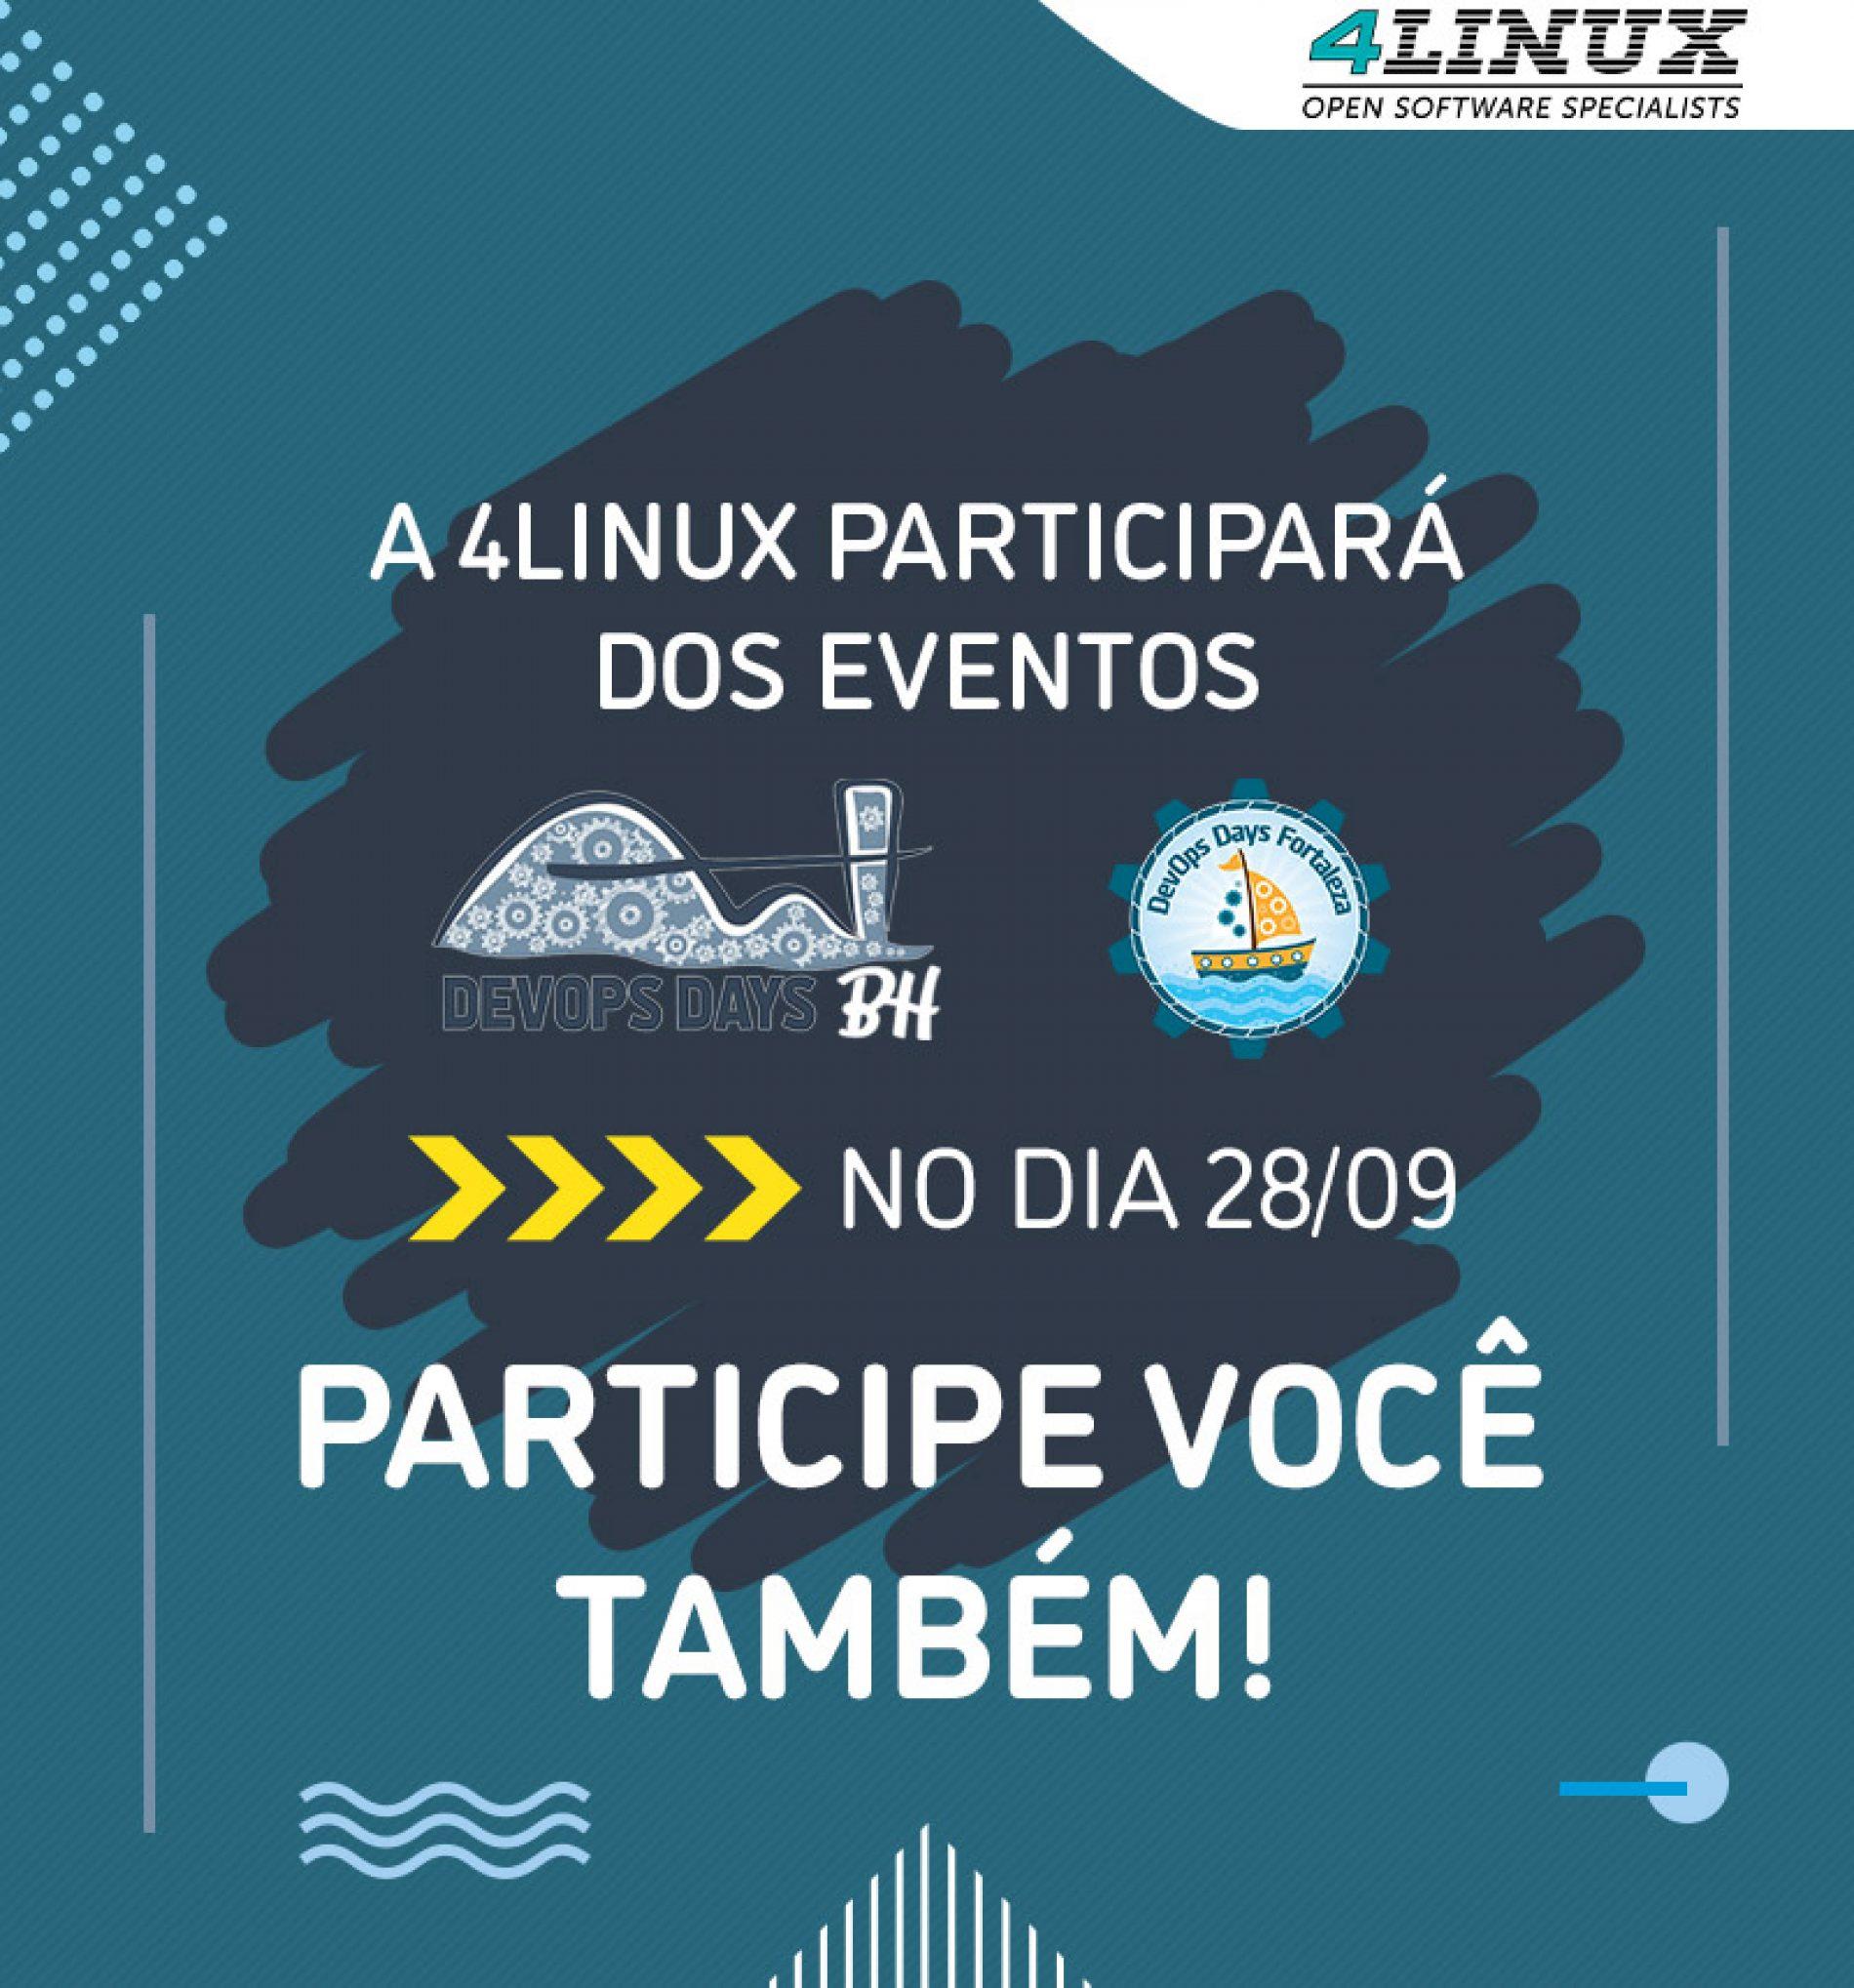 DevOpsDays Fortaleza e Belo Horizonte.